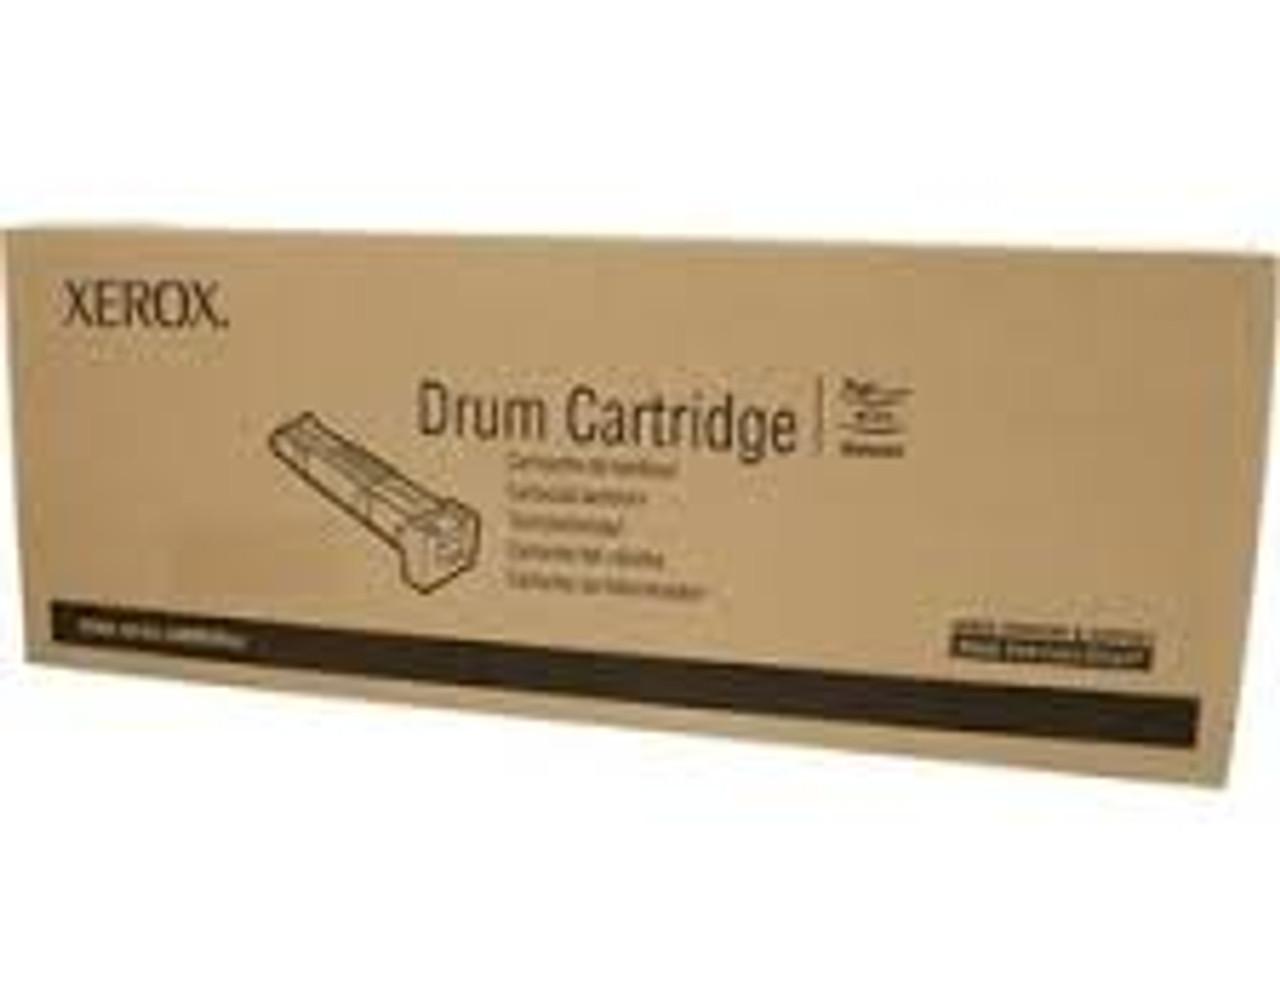 Fuji Xerox DocuCentre S2320 / S2520 CT351075 Drum Unit